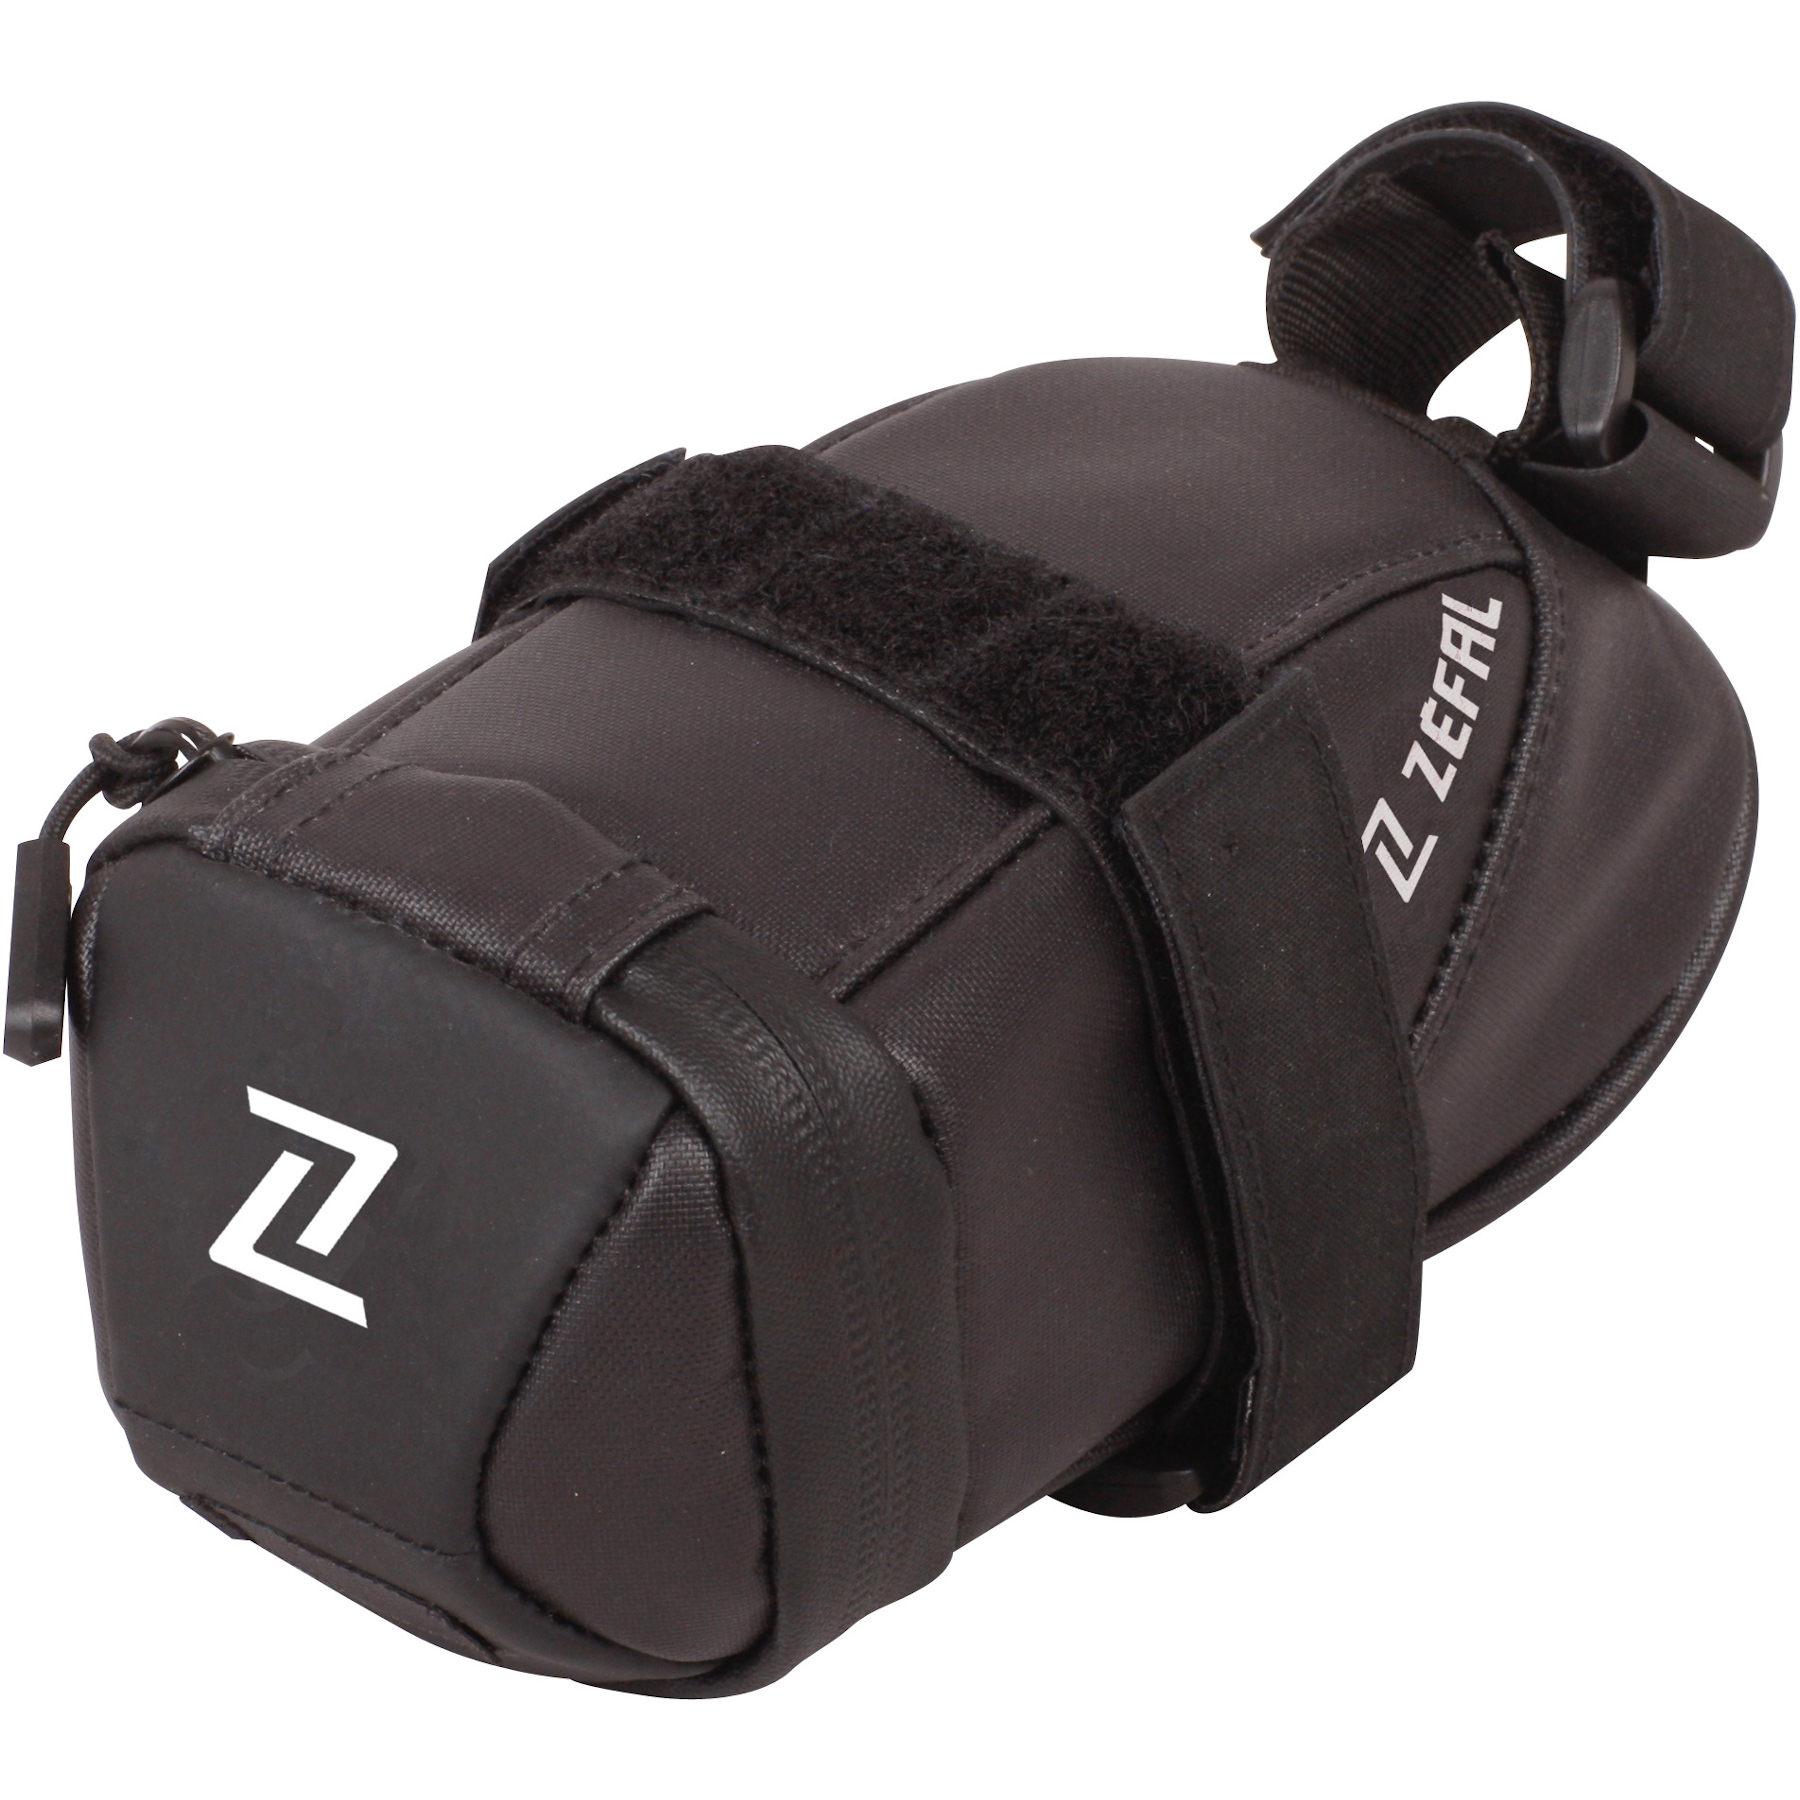 Zéfal Iron Pack 2 S-DS Satteltasche 0,5 l - schwarz